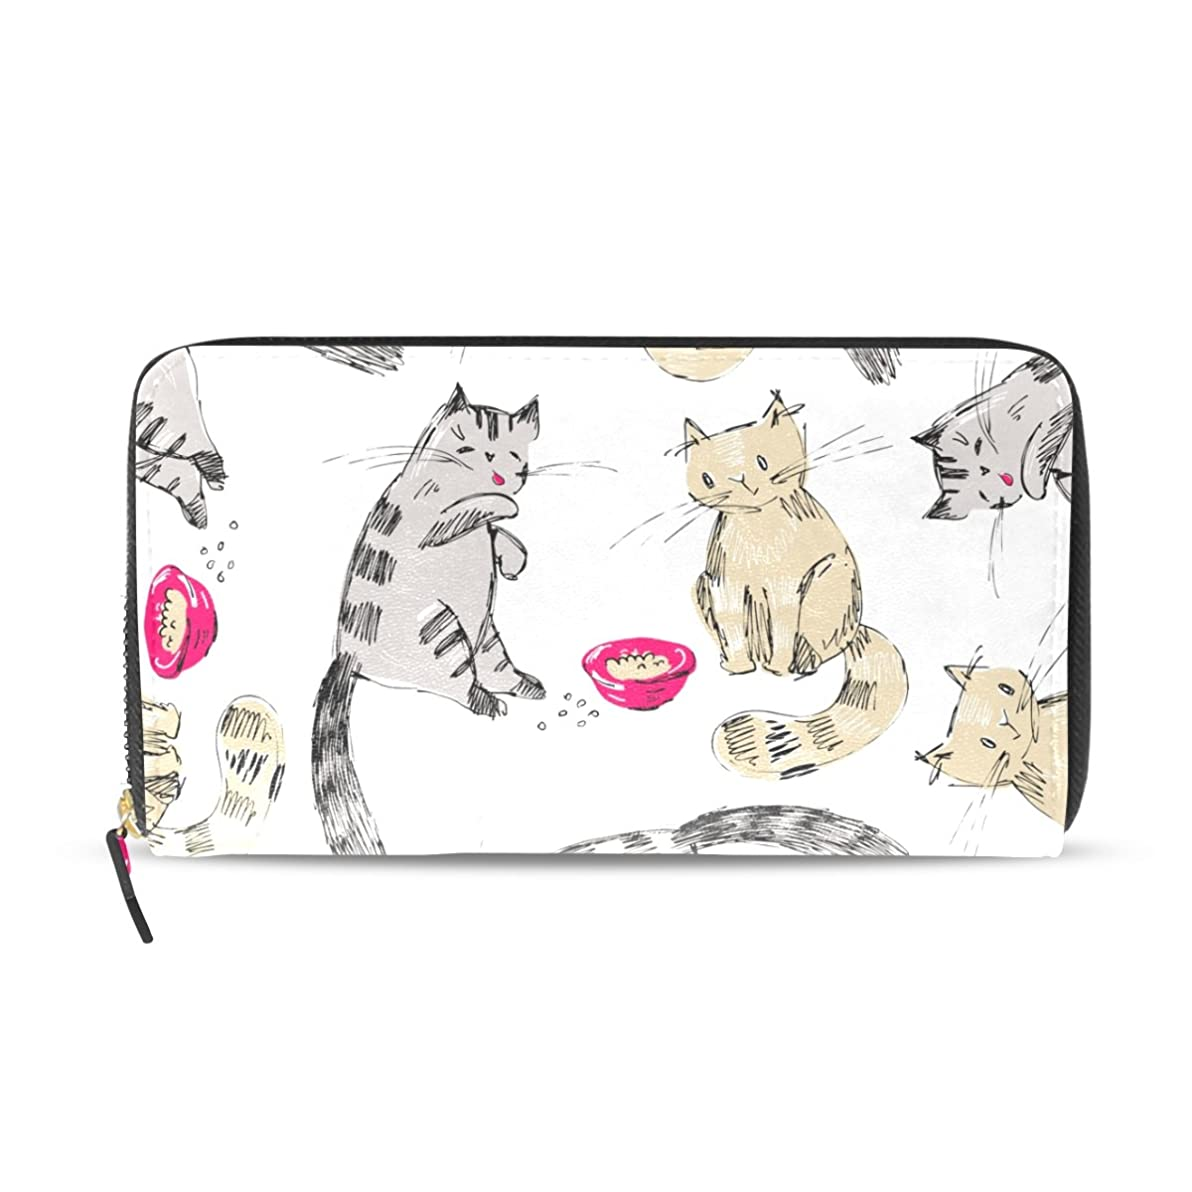 ストレンジャー混乱物理的にAOMOKI 財布 レディース 長財布 大容量 猫柄 カラフル 恋 食べ物 ラブ ラウンドファスナー PUレザー 幅20*丈11cm